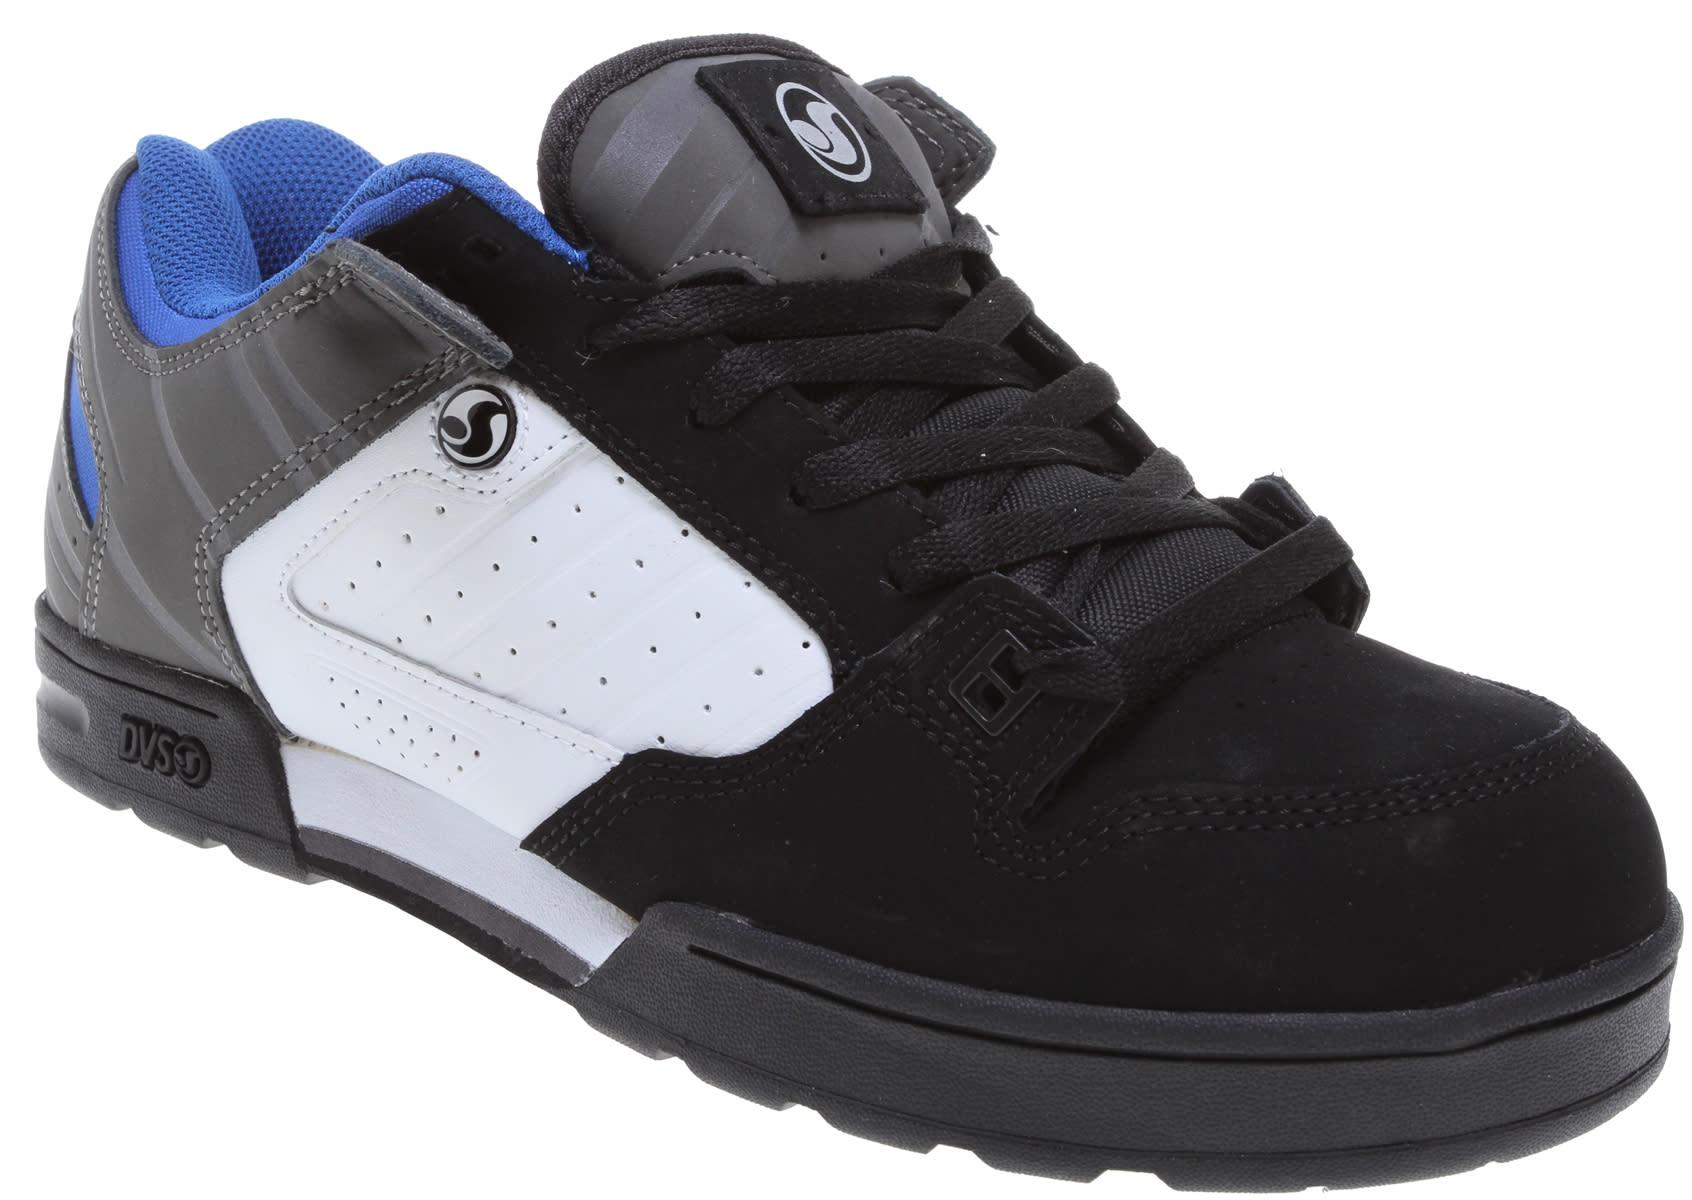 Militia Shoes Snow DVS Snow Militia DVS Skate Shoes Skate DVS wP8nOXk0